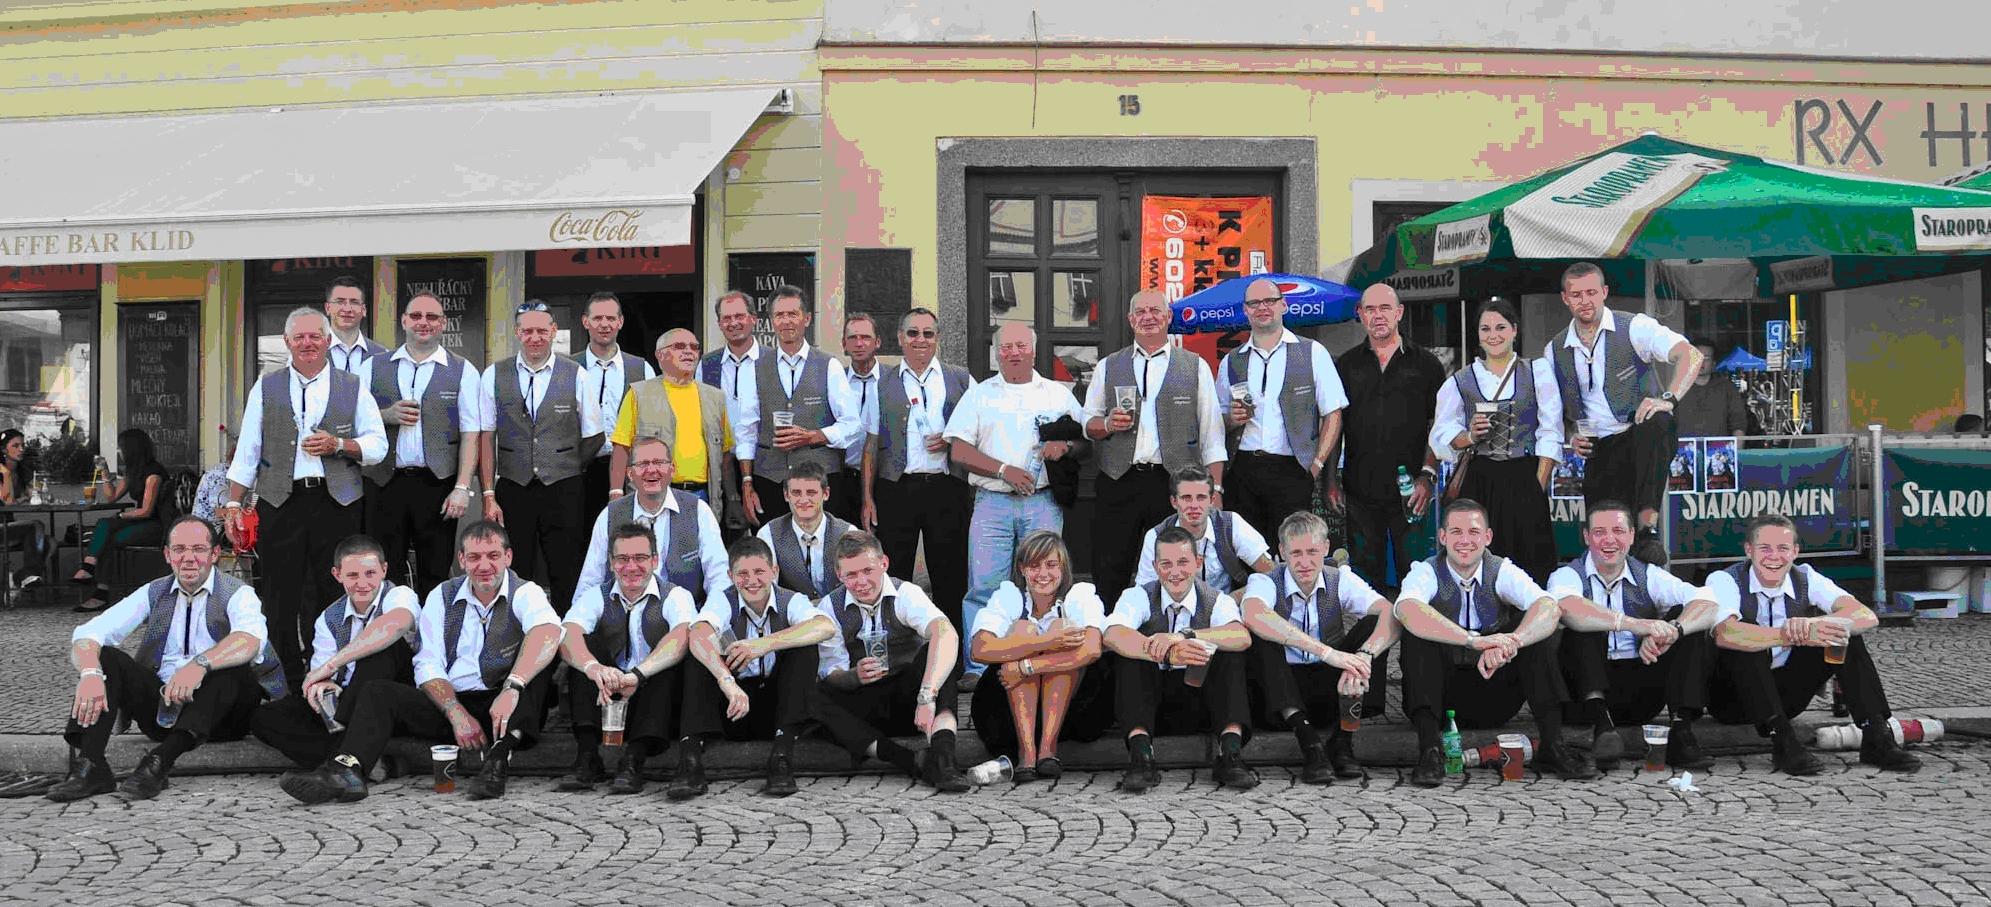 Ausflug im Rahmen der Städtepartnerschaft Konstanz – Tabor 2011